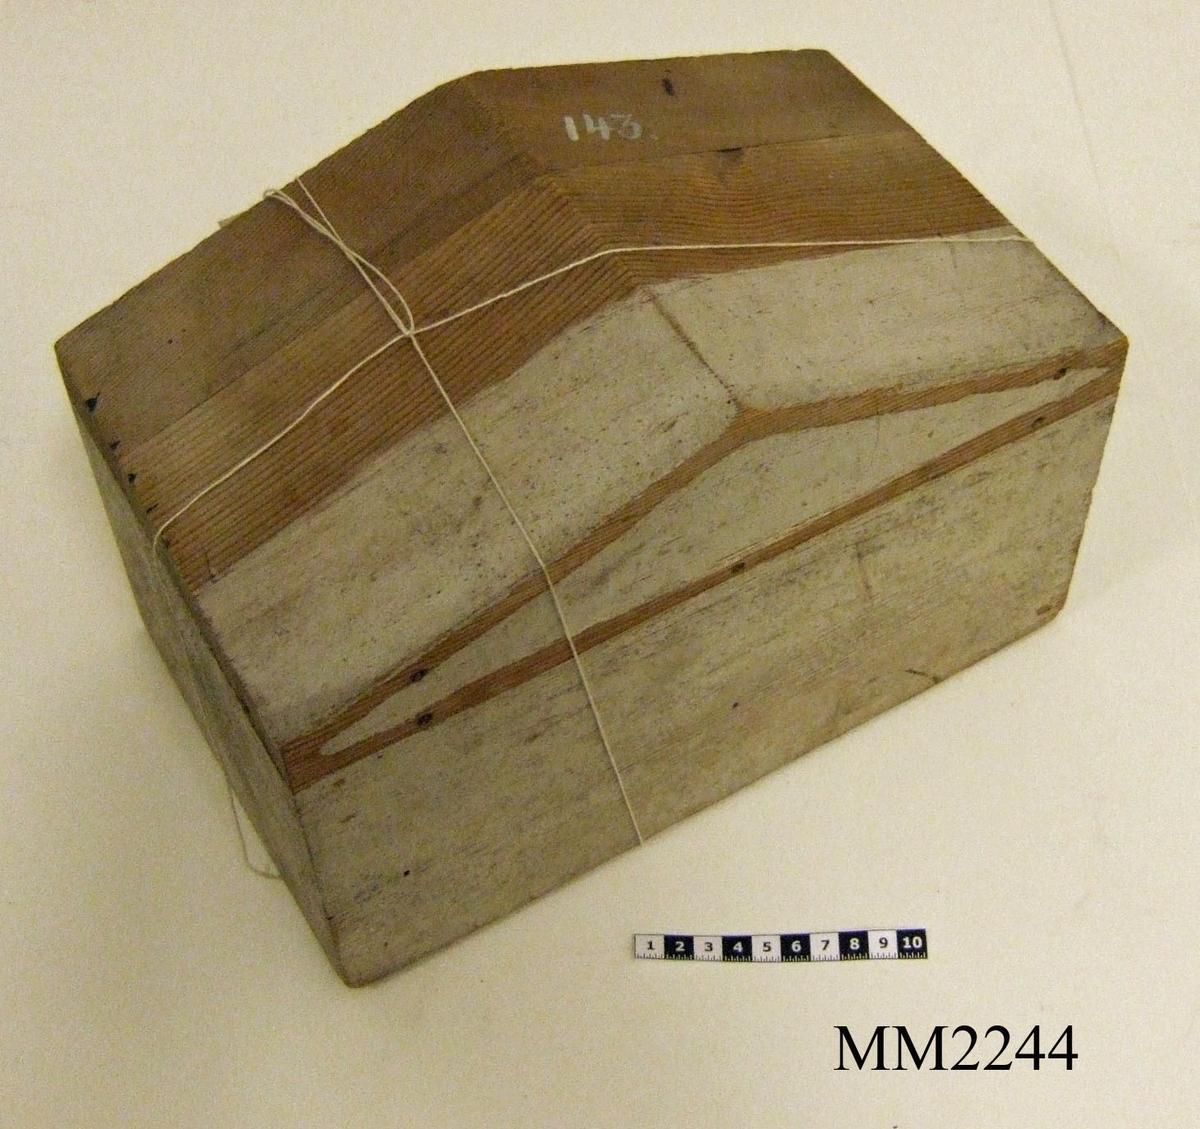 """Gavelmodell av trä, utgörande projekt till gavelkonstruktioner för nya inventariekammrarna på varvet 1785-87. Två st är ej kompletta då stommarna fattas. En st gavelmodell erhållit gamla nr. Övriga delar på nr 4023, 12385-12390.  Vid inventering 1998: Rektangulär form med sadeltaksformad topp. Har haft list med tympanonfält, endast träplugg återstår. Slät utan utsmyckning, delvis målad i gråvitt. Tidigare märkning """"143"""" samt """"Anno 1785""""."""